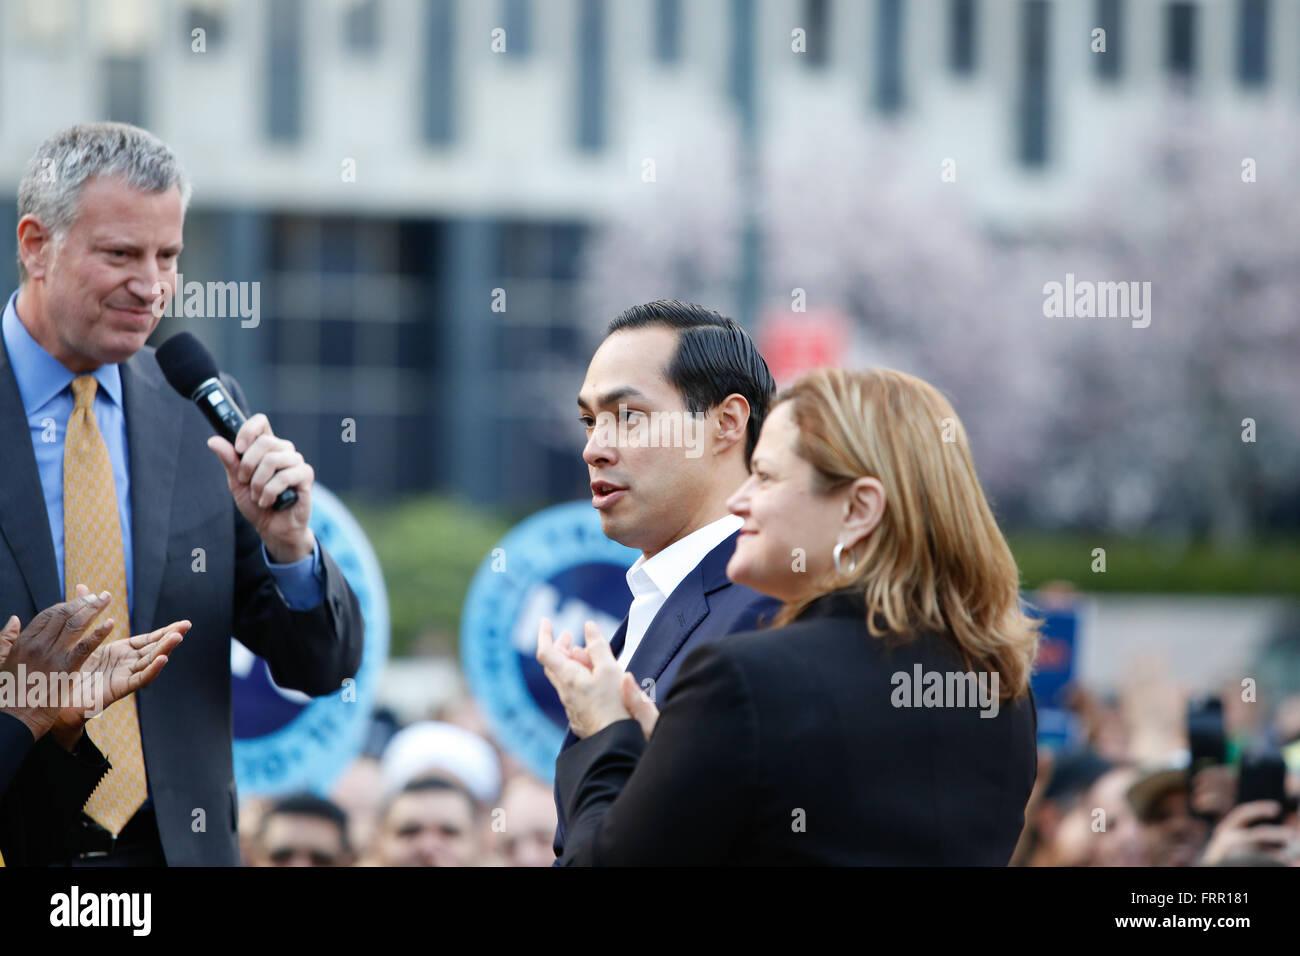 New York City, USA, 23 March 2016: HUD secretary Julian Castrol with NY speaker Melissa Mark-Viverito during a Foley Stock Photo